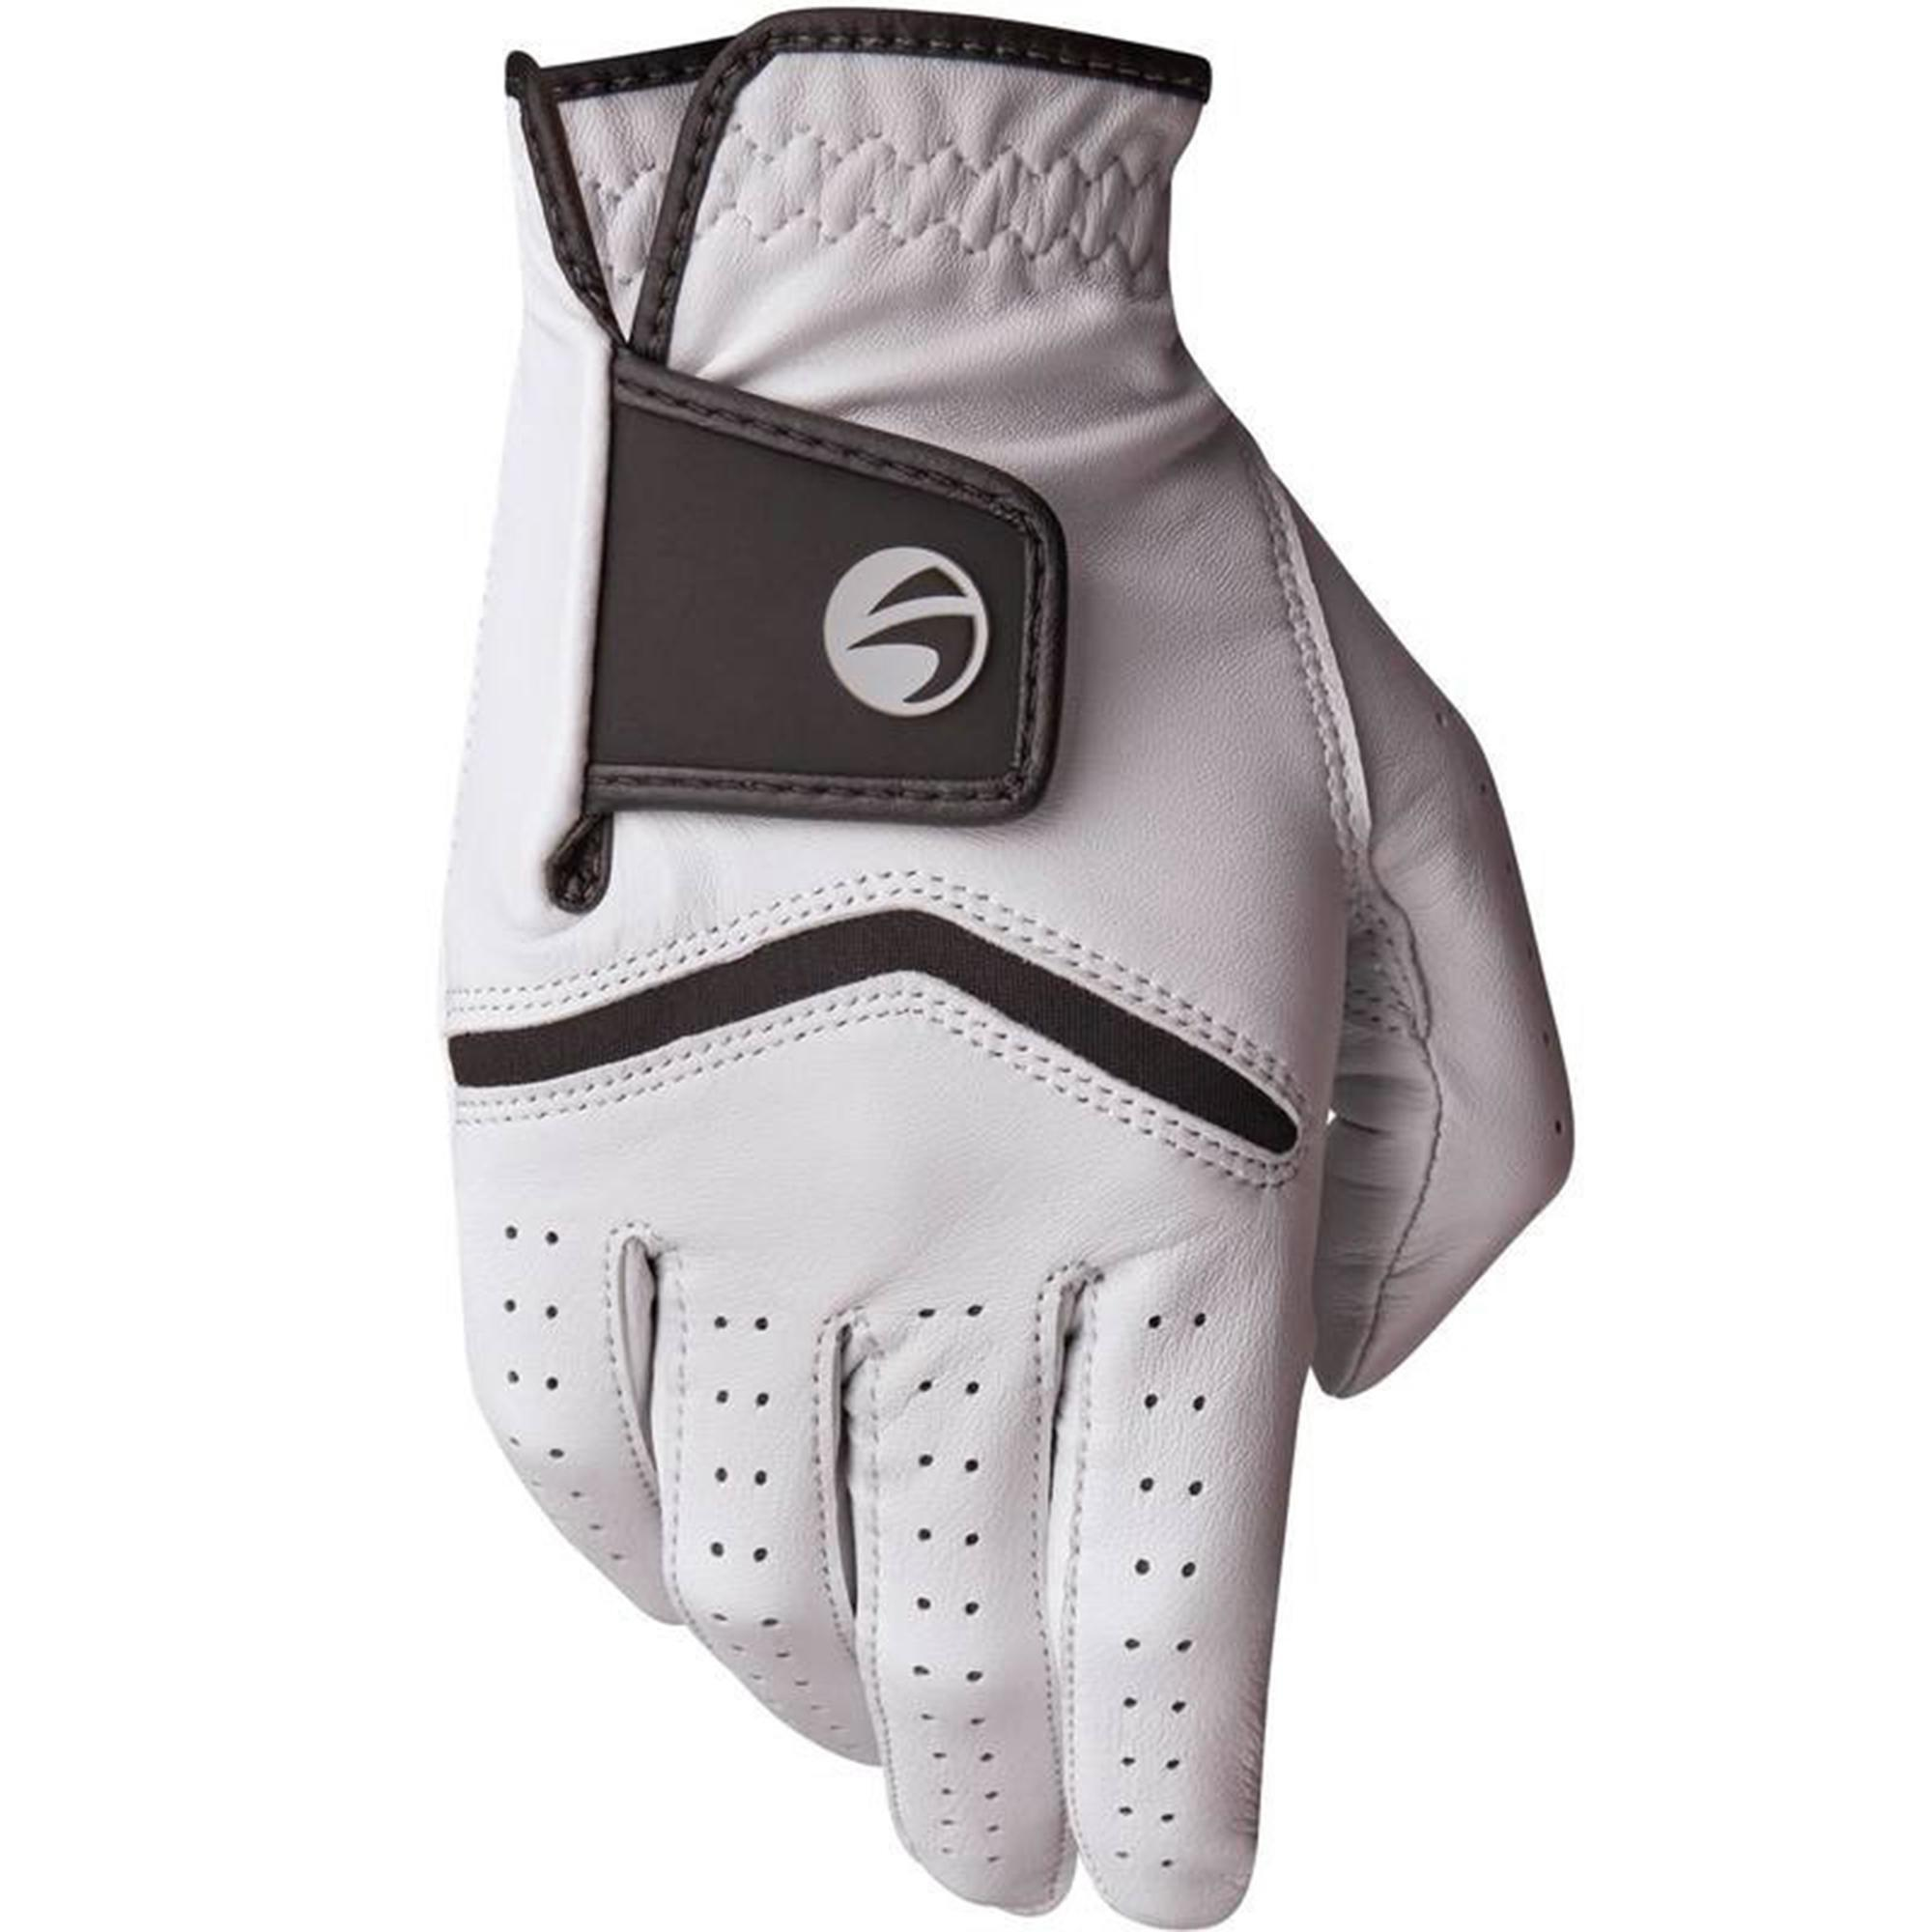 Golfhandschuh 500 LH (für die rechte Hand) Damen weiß   Accessoires > Handschuhe   Weiß   Elasthan - Leder   Inesis